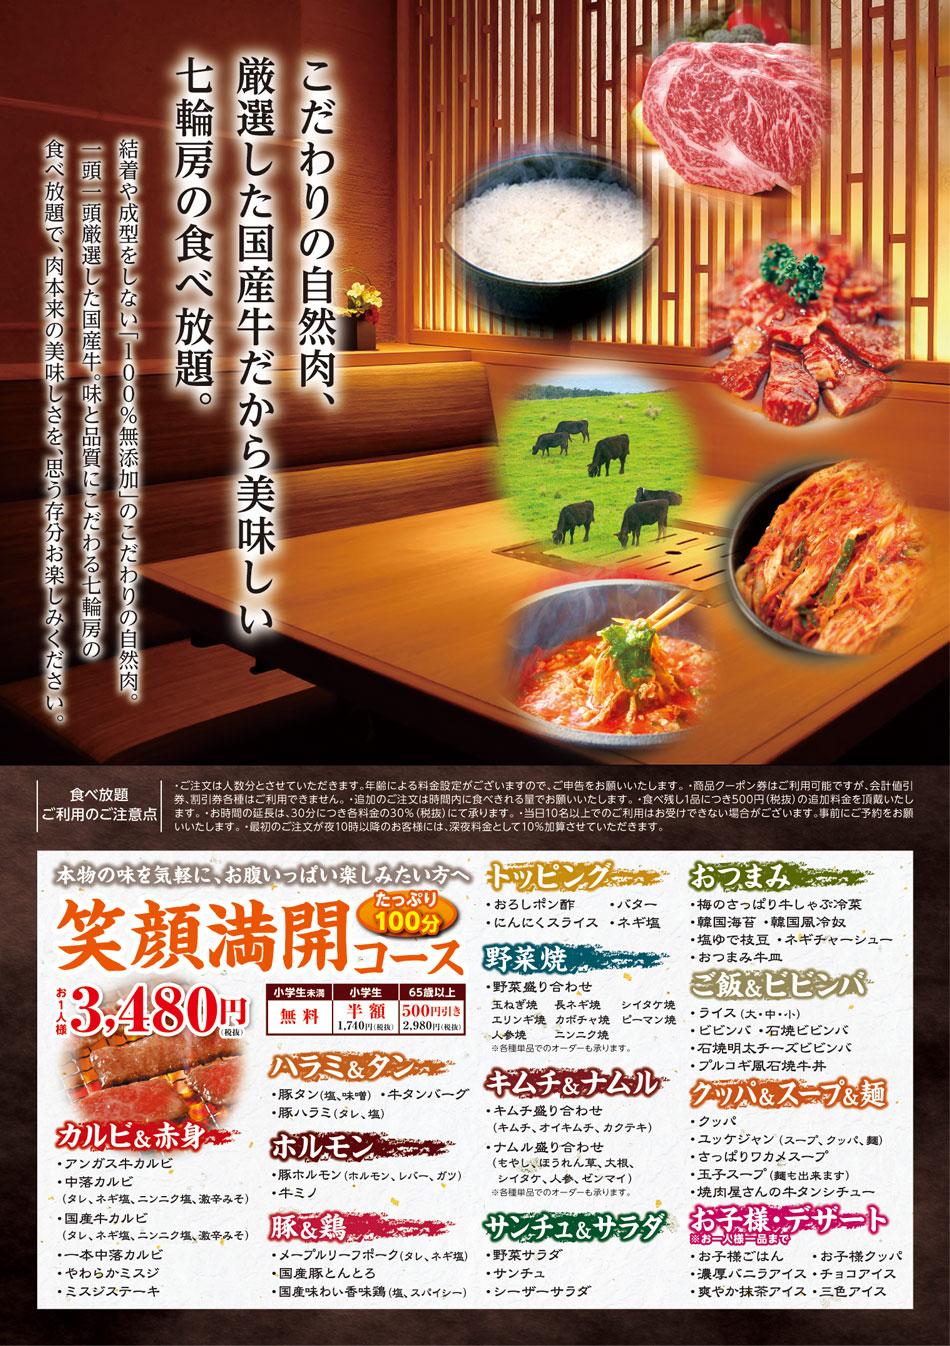 食べ放題笑顔満開コース3,480円(税抜)